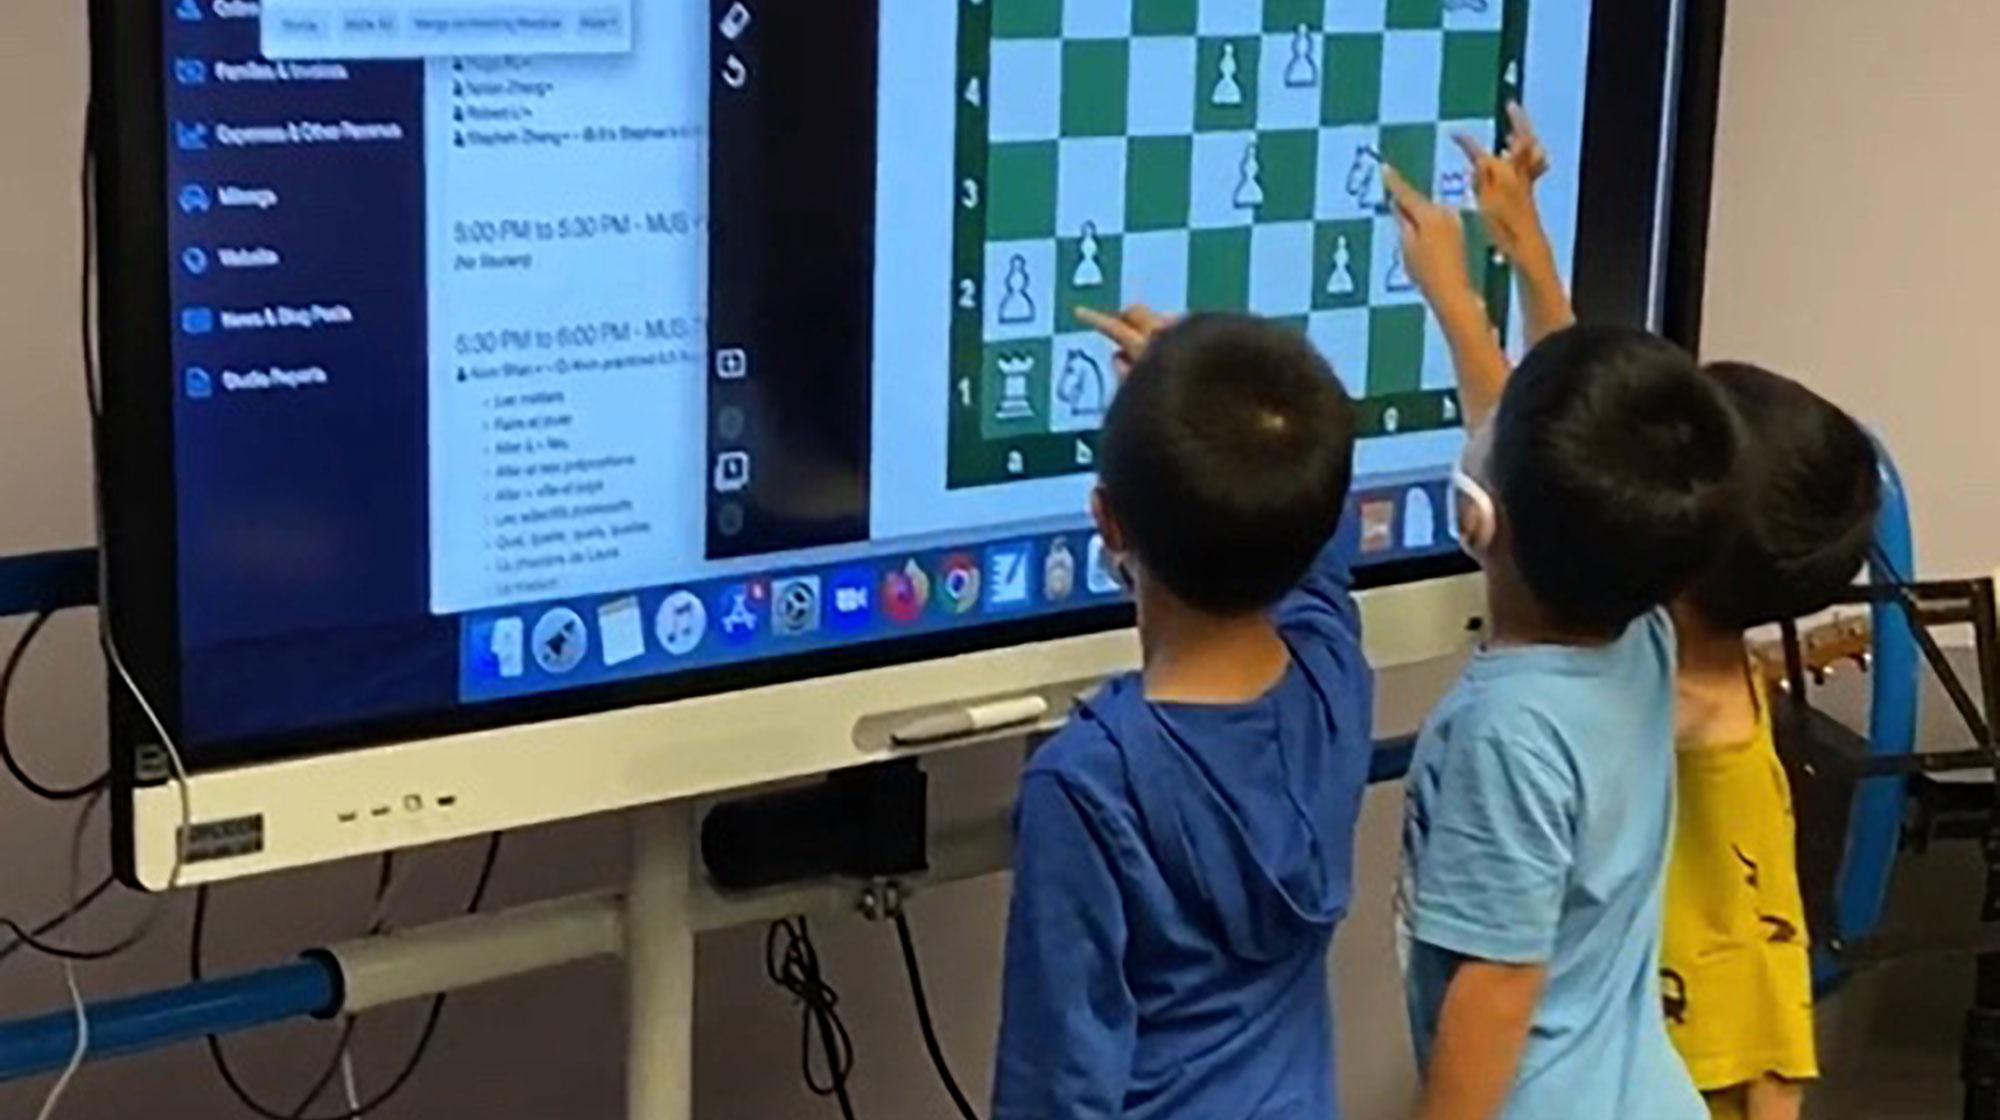 PEN Education Centre - Interactive environment